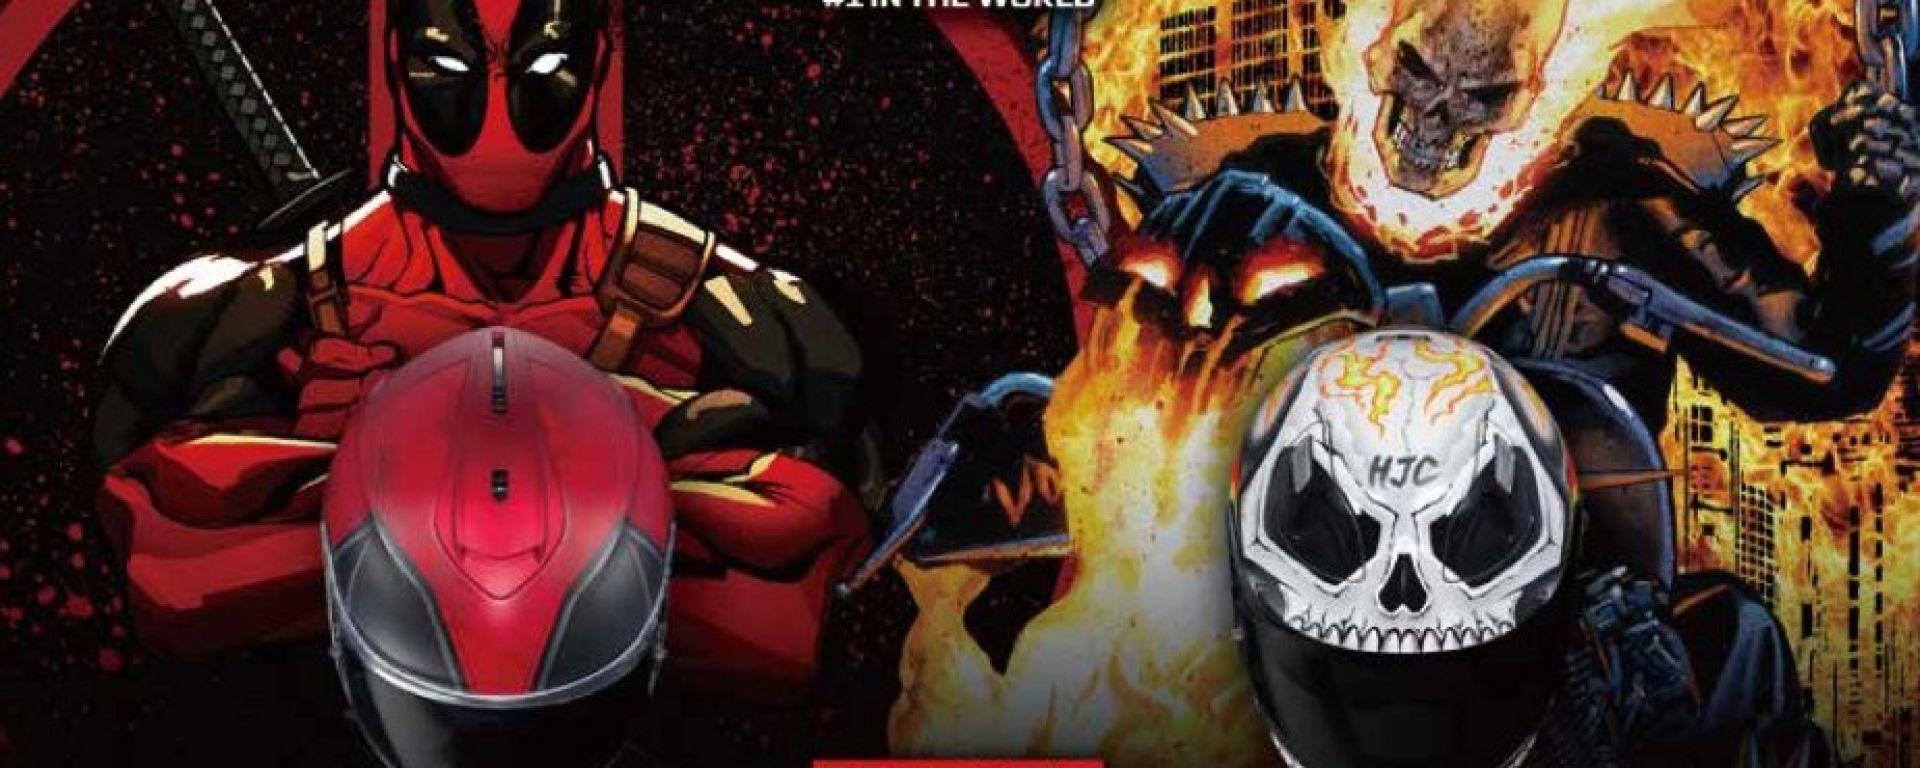 HJC Deadpool e Ghost Rider: due nuove grafiche per la collezione Marvel